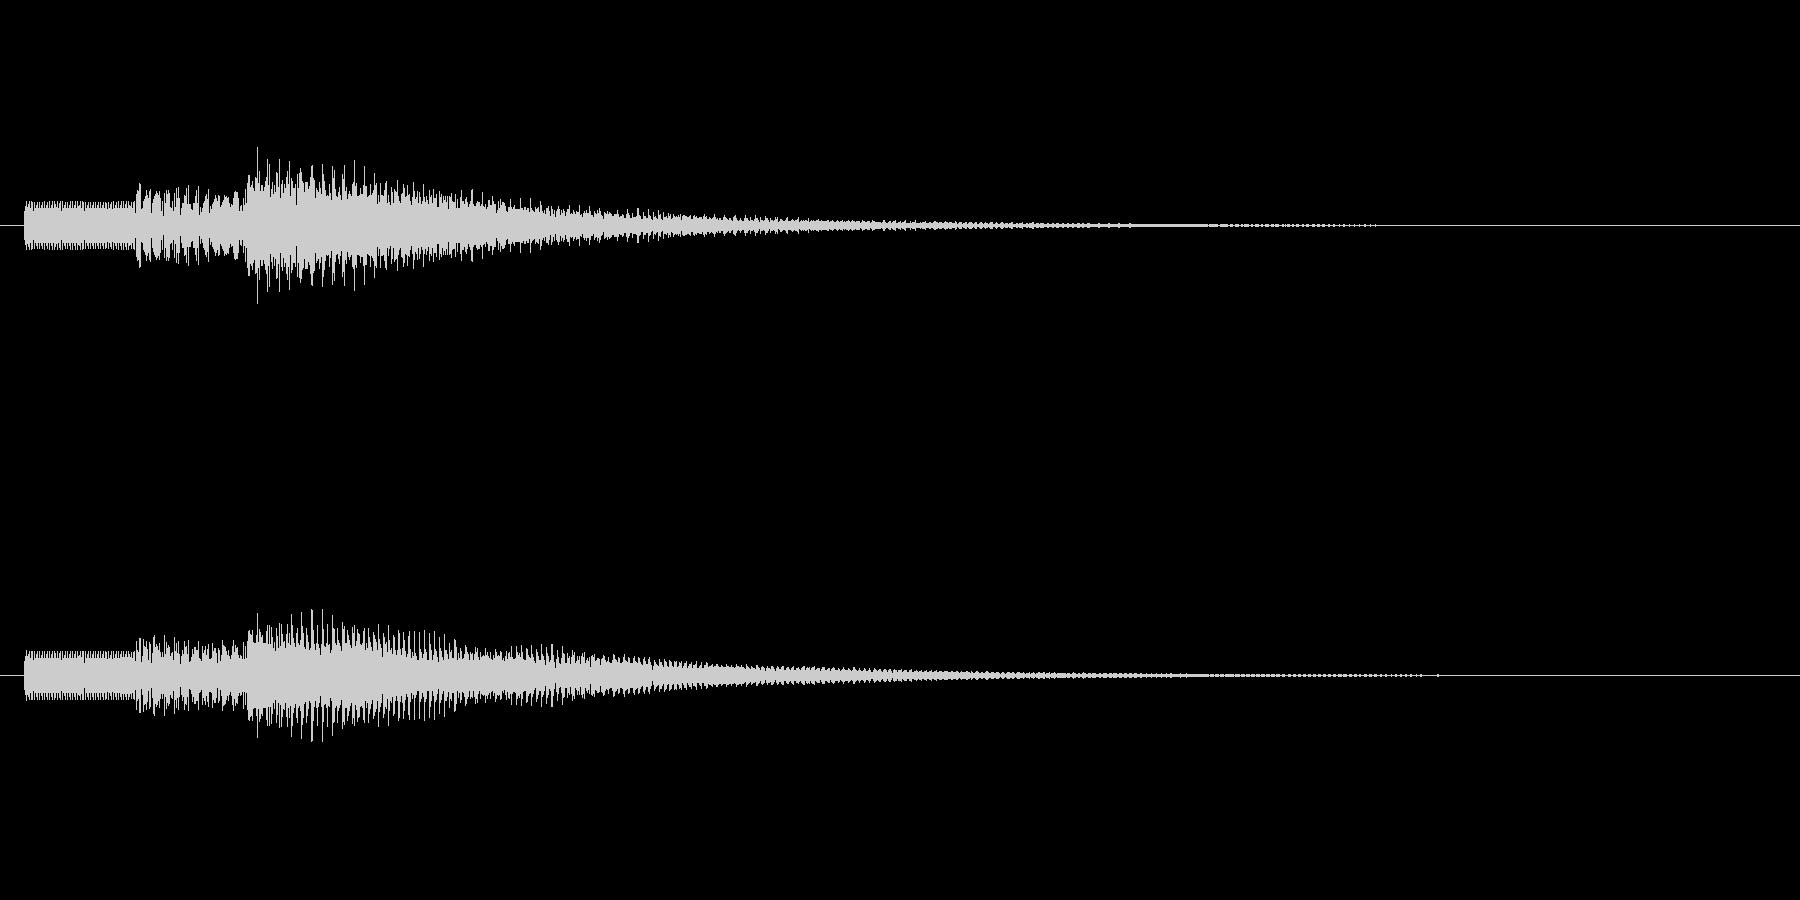 明るい響きの効果音ですの未再生の波形